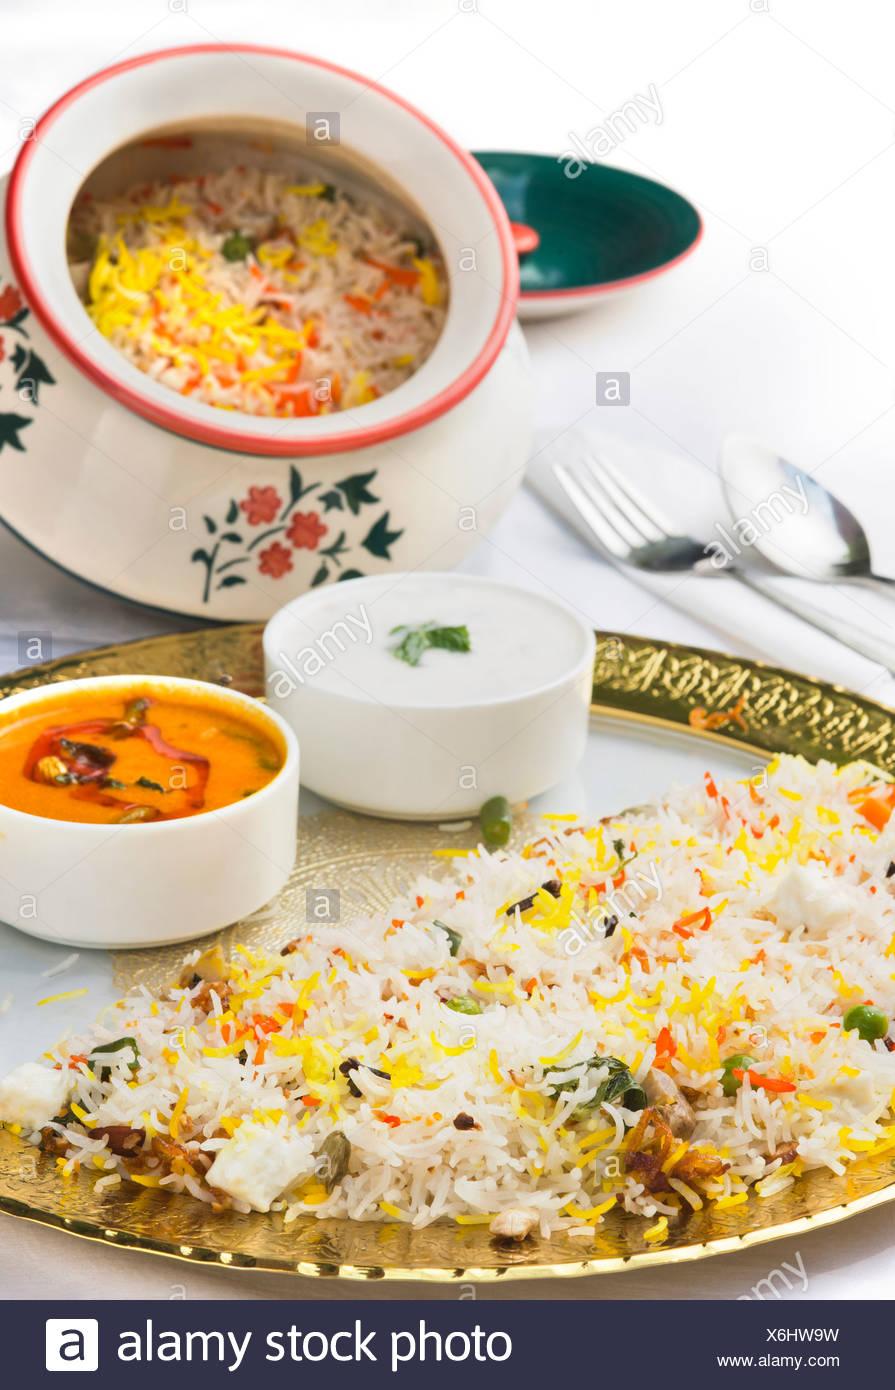 Speciale Biryani Hyderabad servita in una piastra Immagini Stock